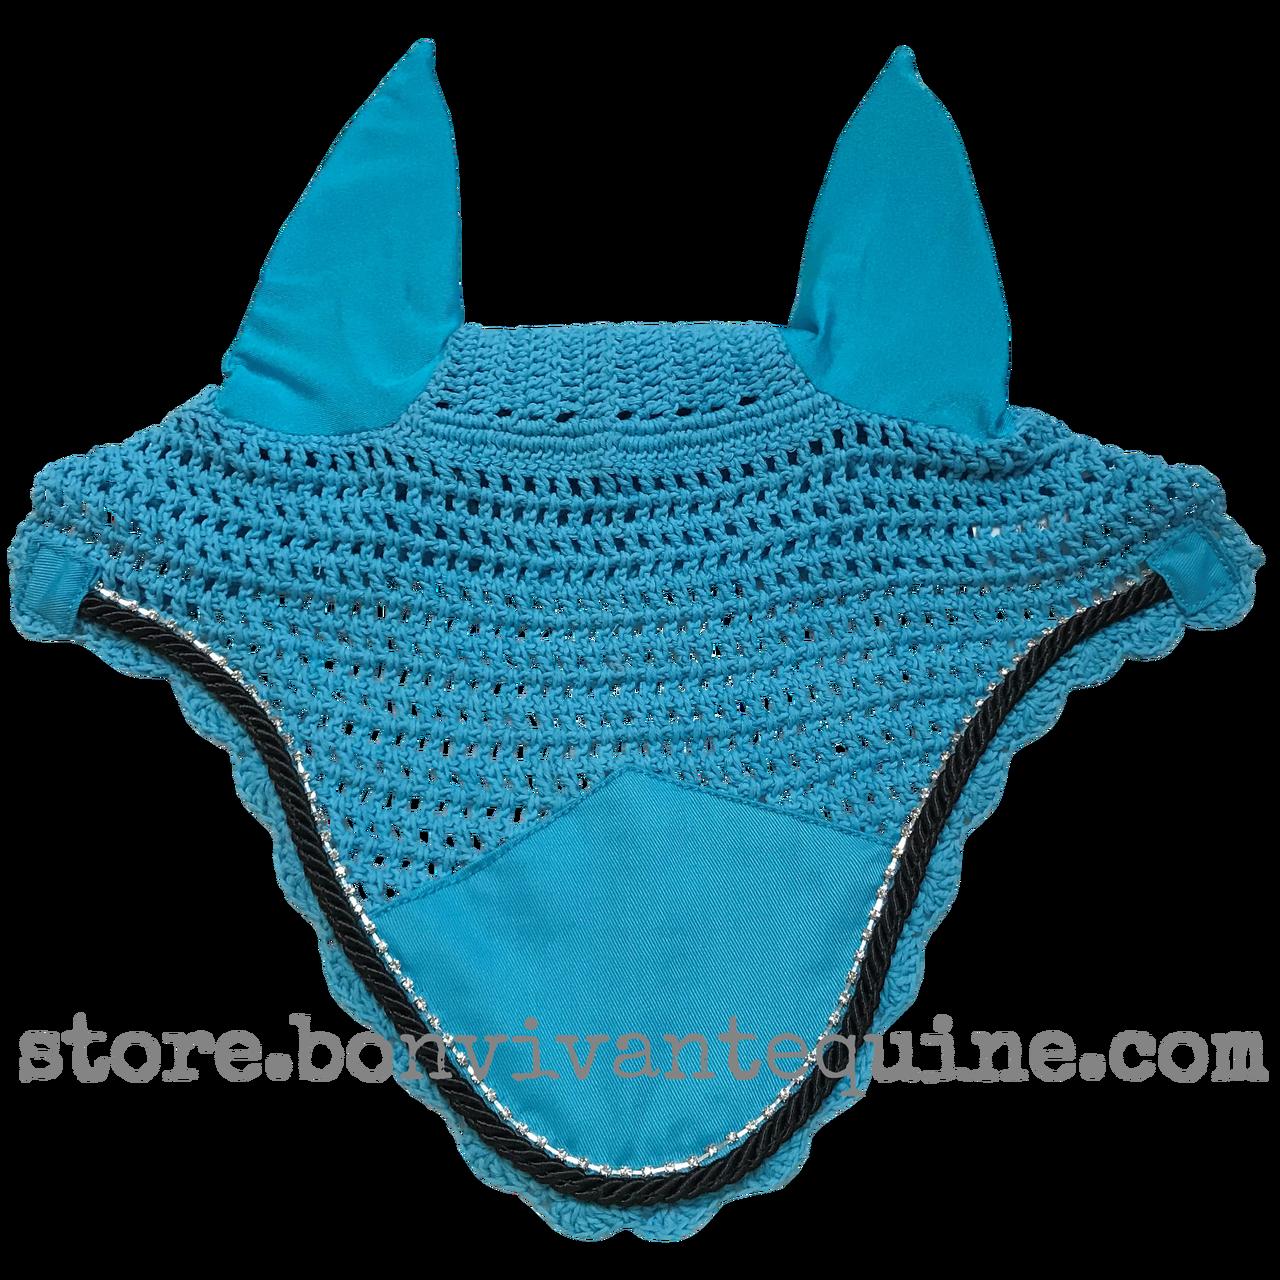 Turquoise Atlantic Blue Bling Horse Crochet Fly Bonnets Bon Vivant Unique Equestrian Supply Accessories